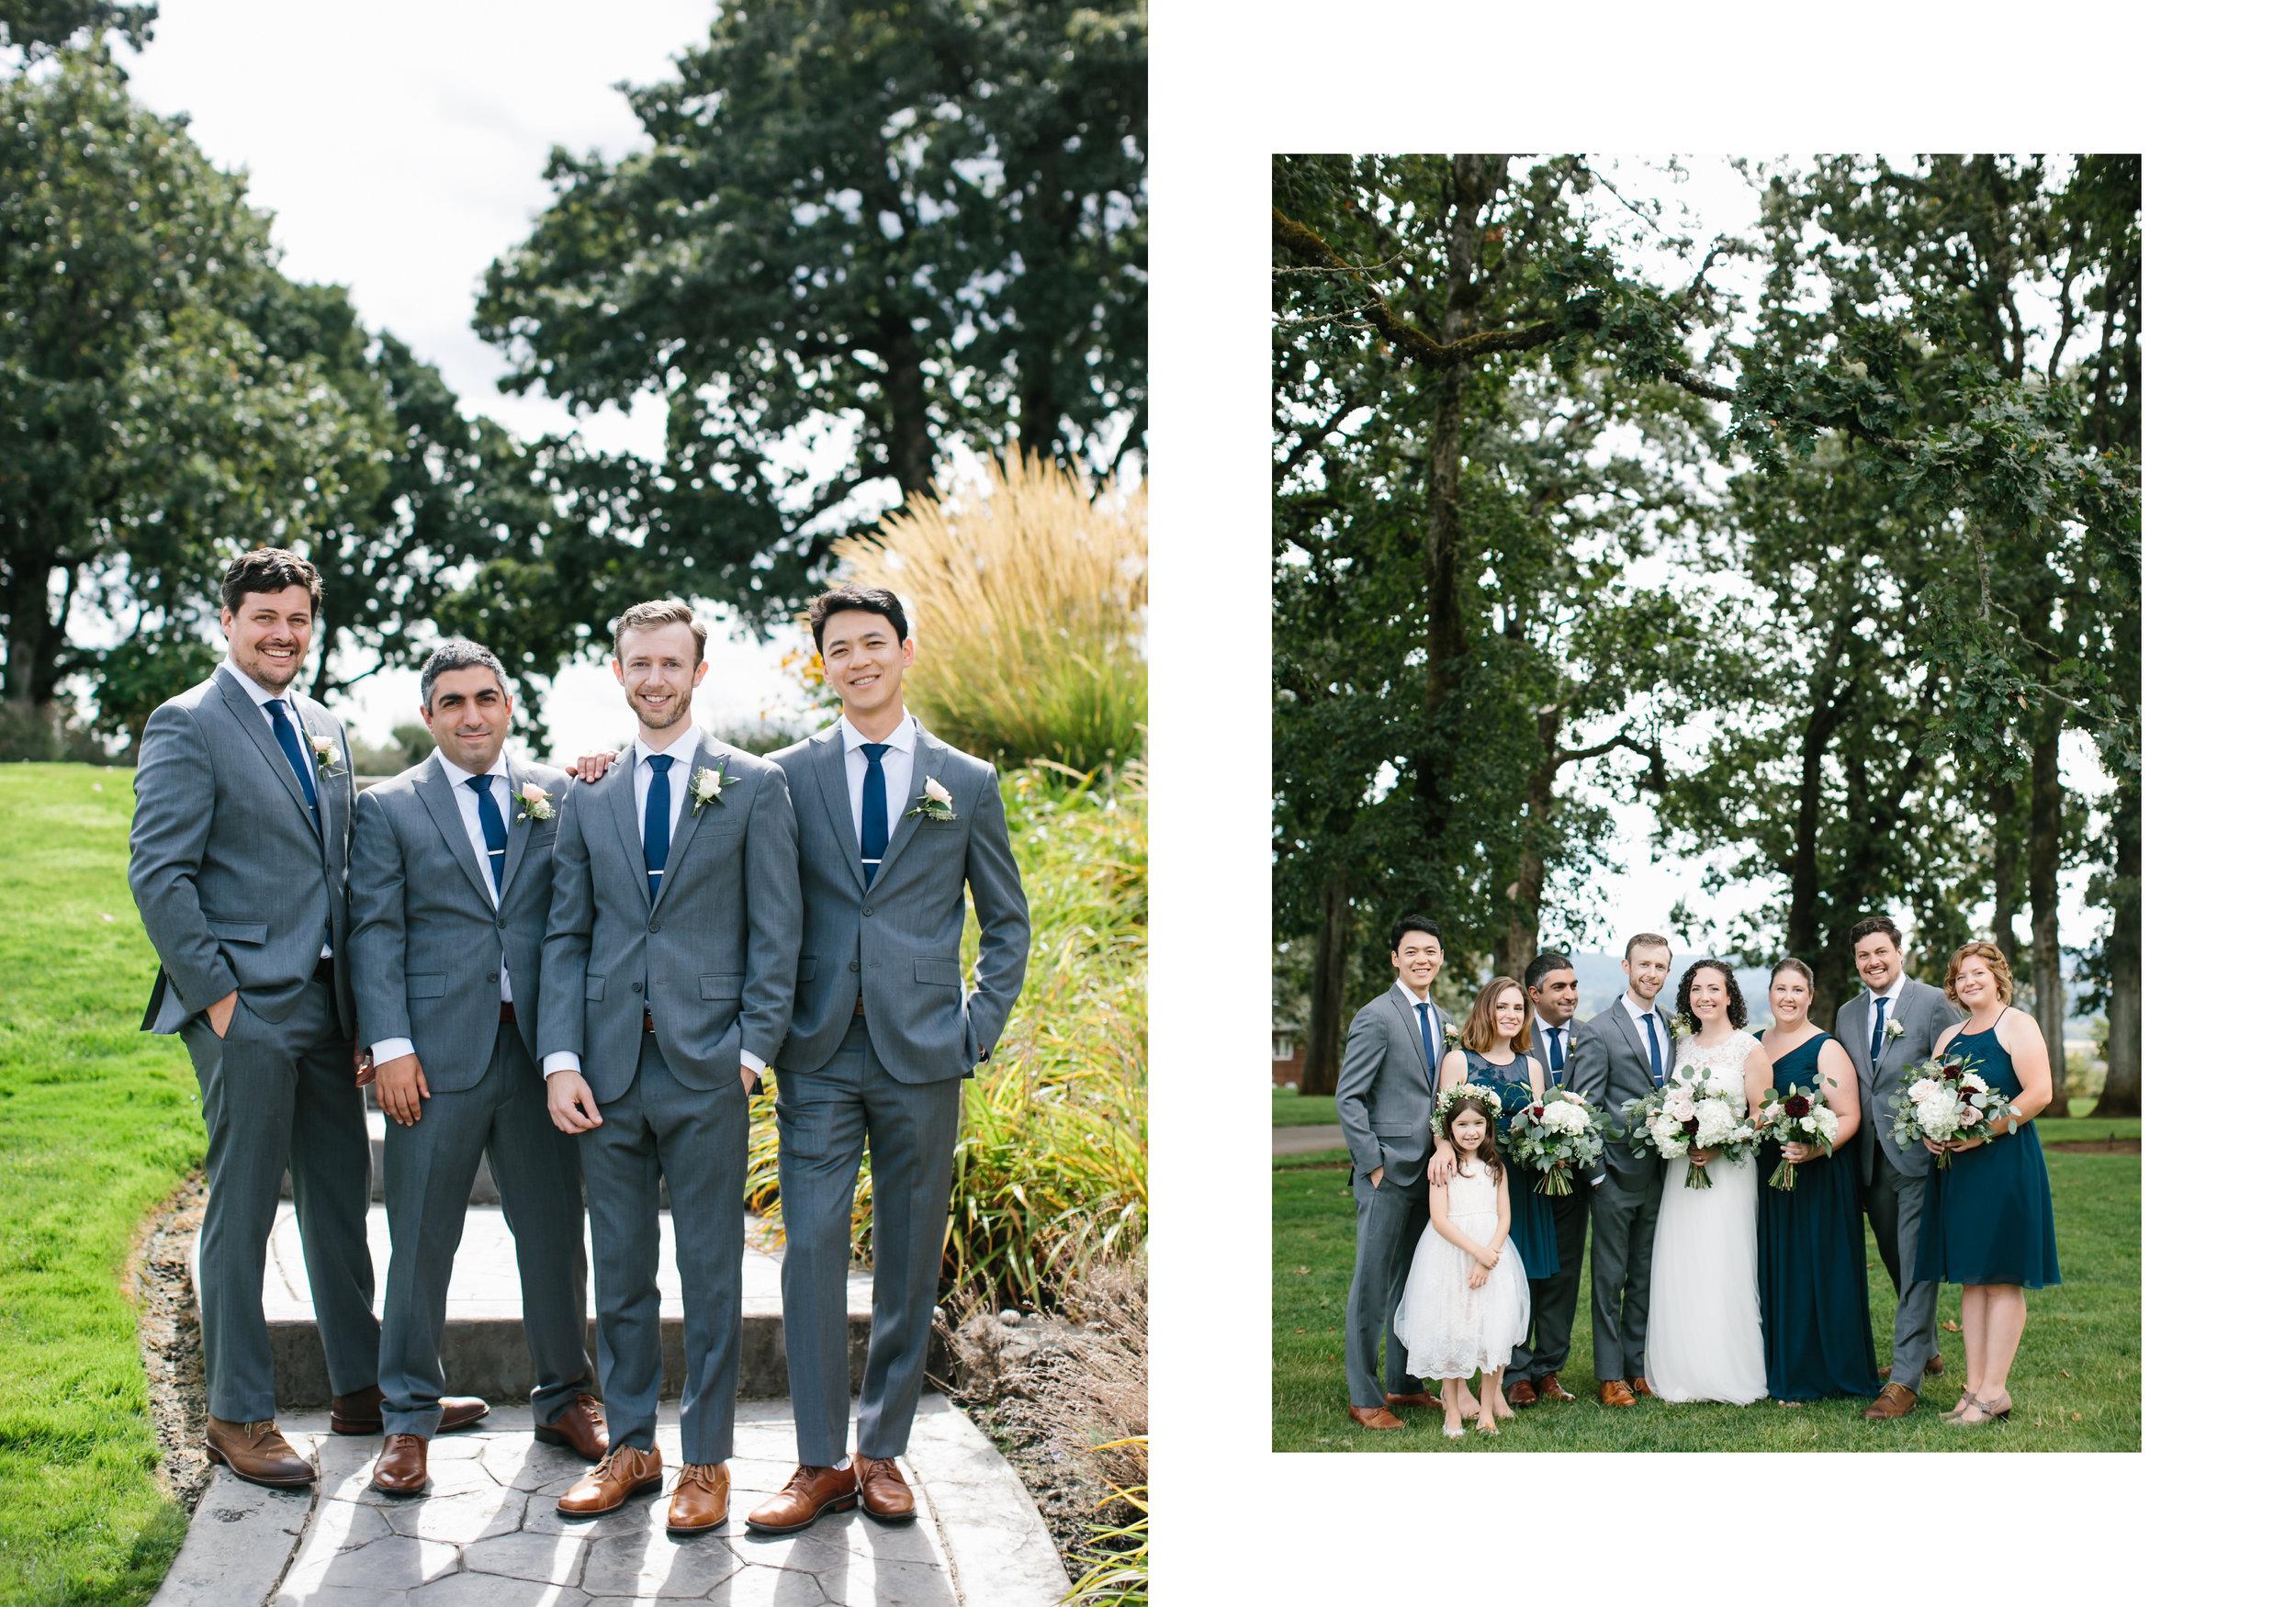 scholls-valley-lodge-wedding-photographer-ashley-courter0005.JPG